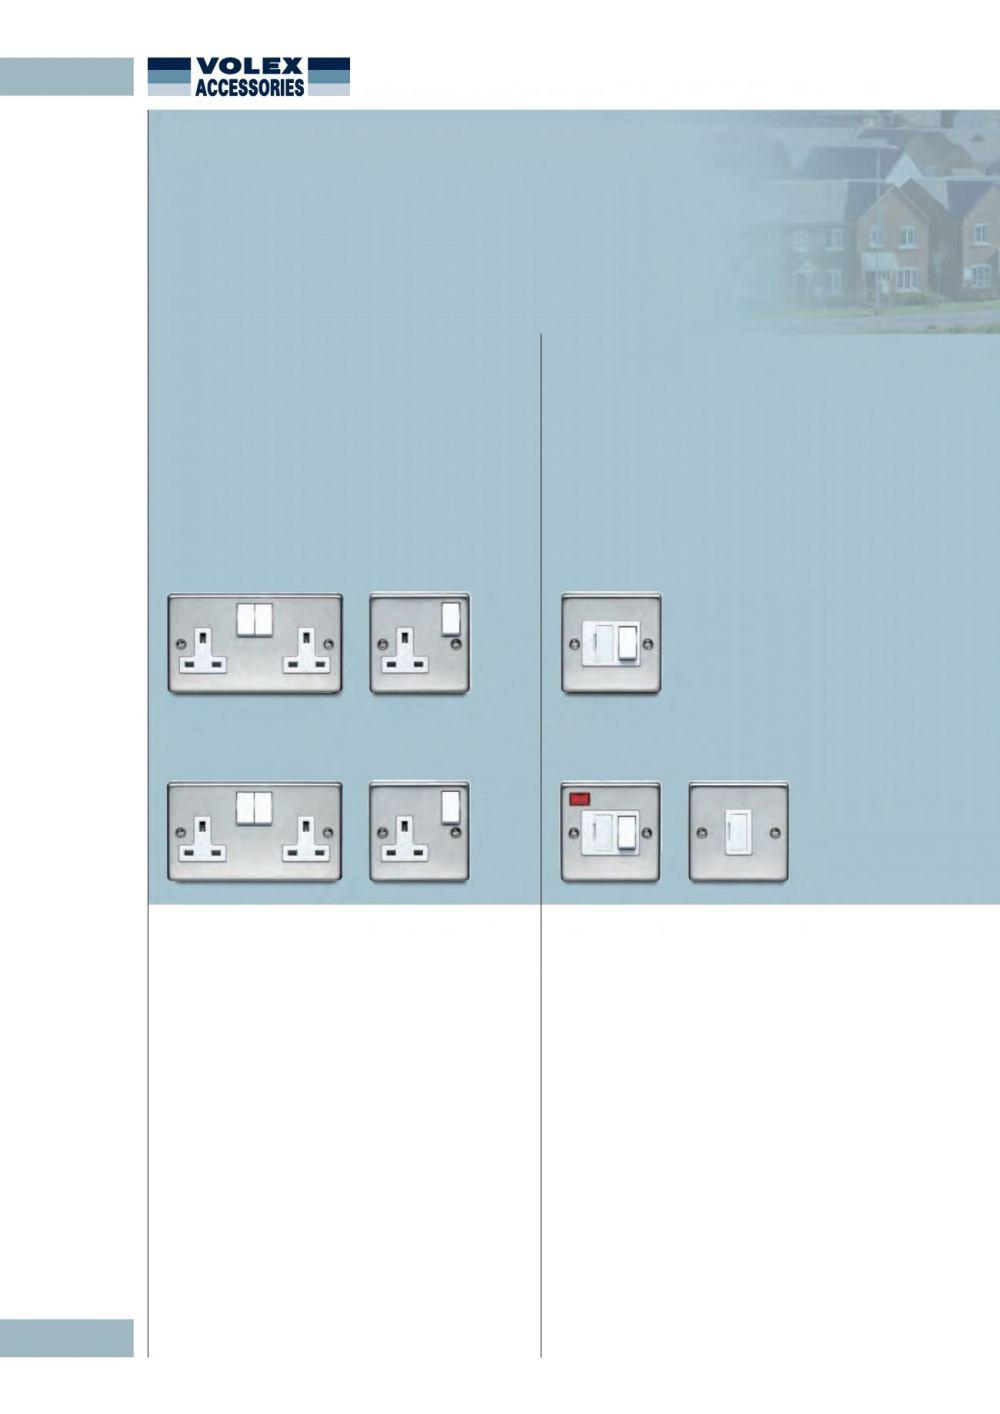 medium resolution of volex switch wiring diagram list of schematic circuit diagram u2022 2 way switch wiring